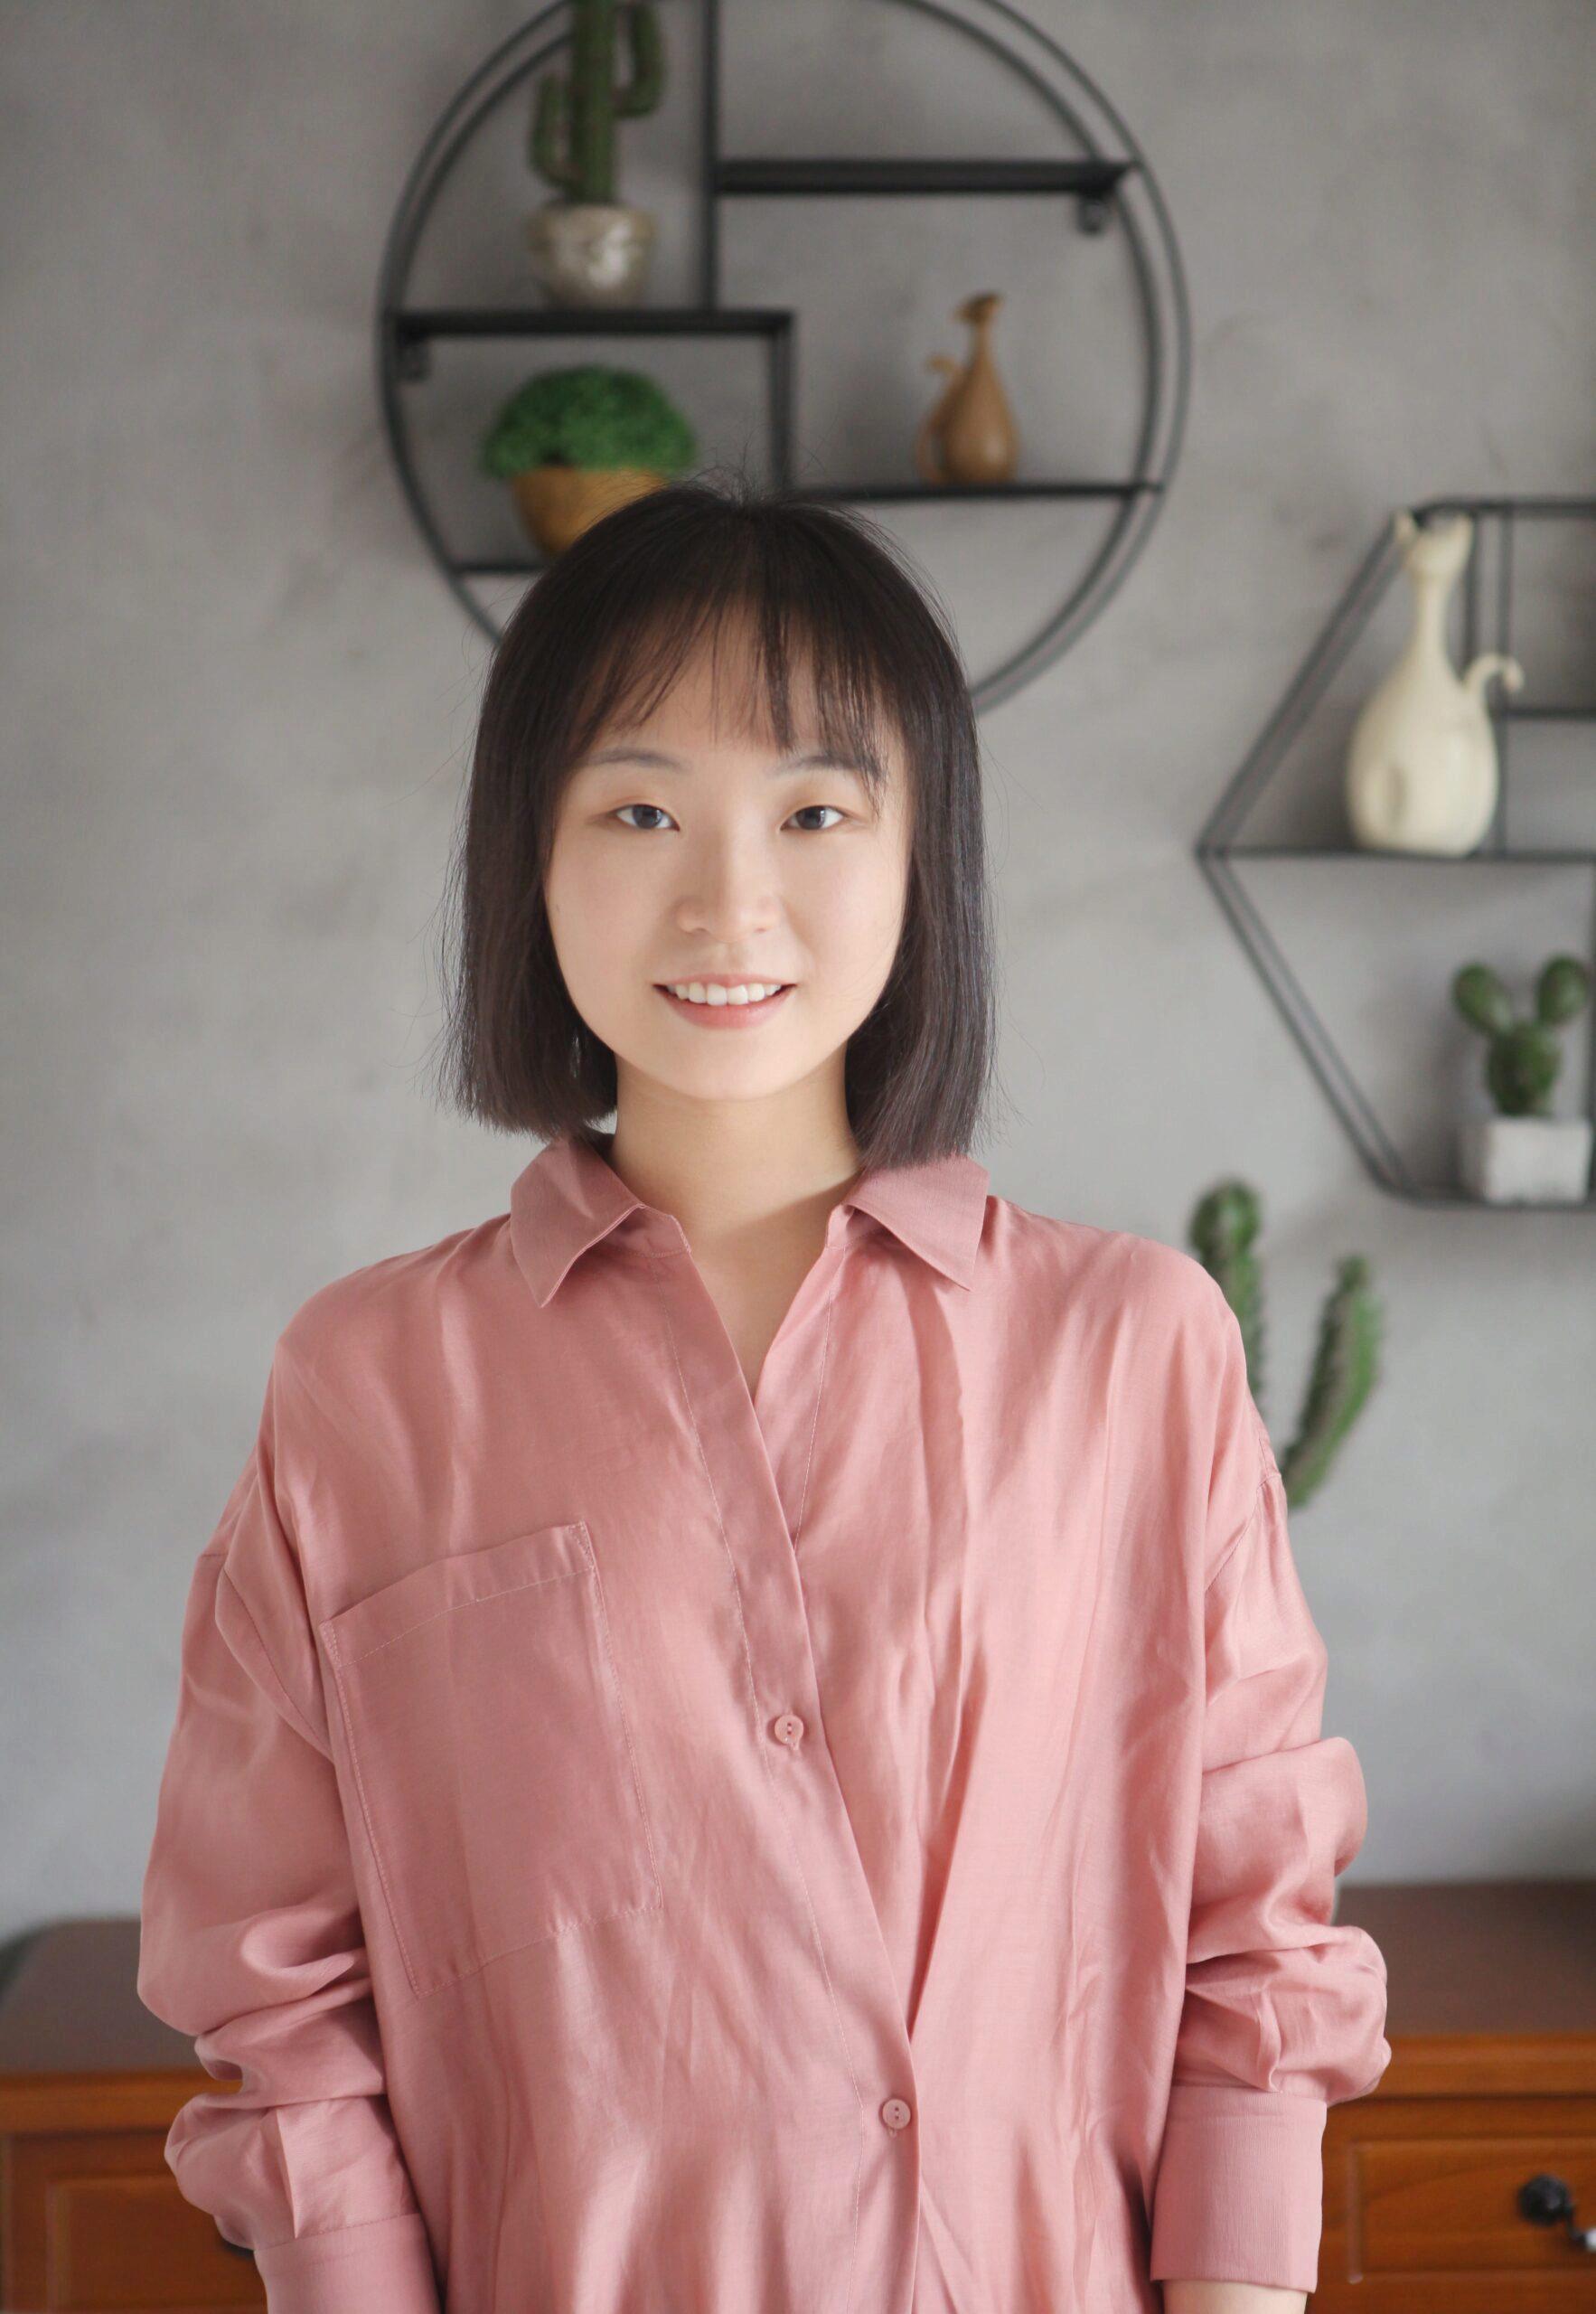 Weiyu Peng